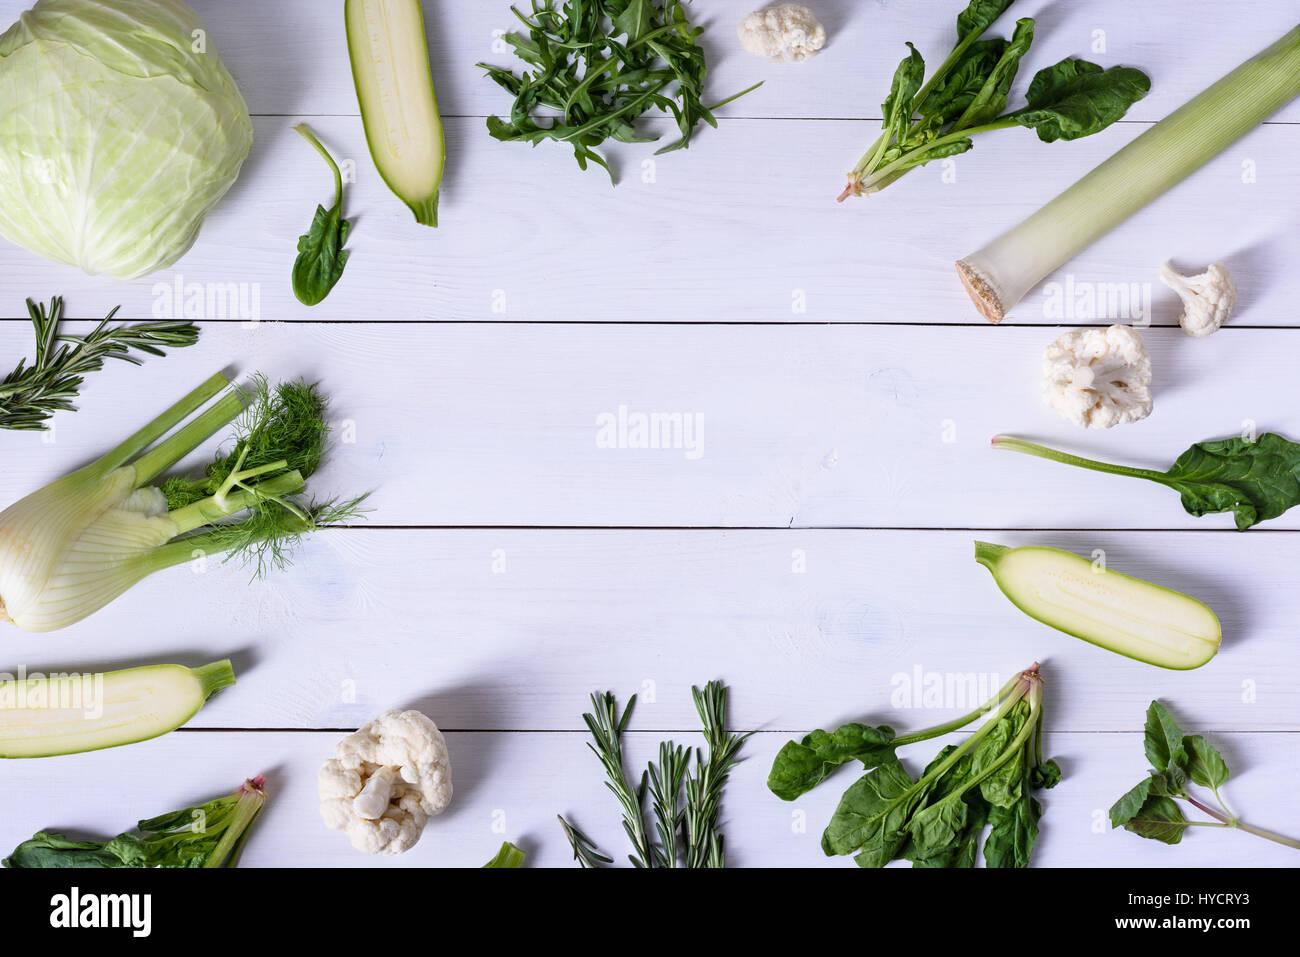 Les légumes sur fond de bois. Variété d'ingrédients des aliments verts, régime alimentaire Photo Stock